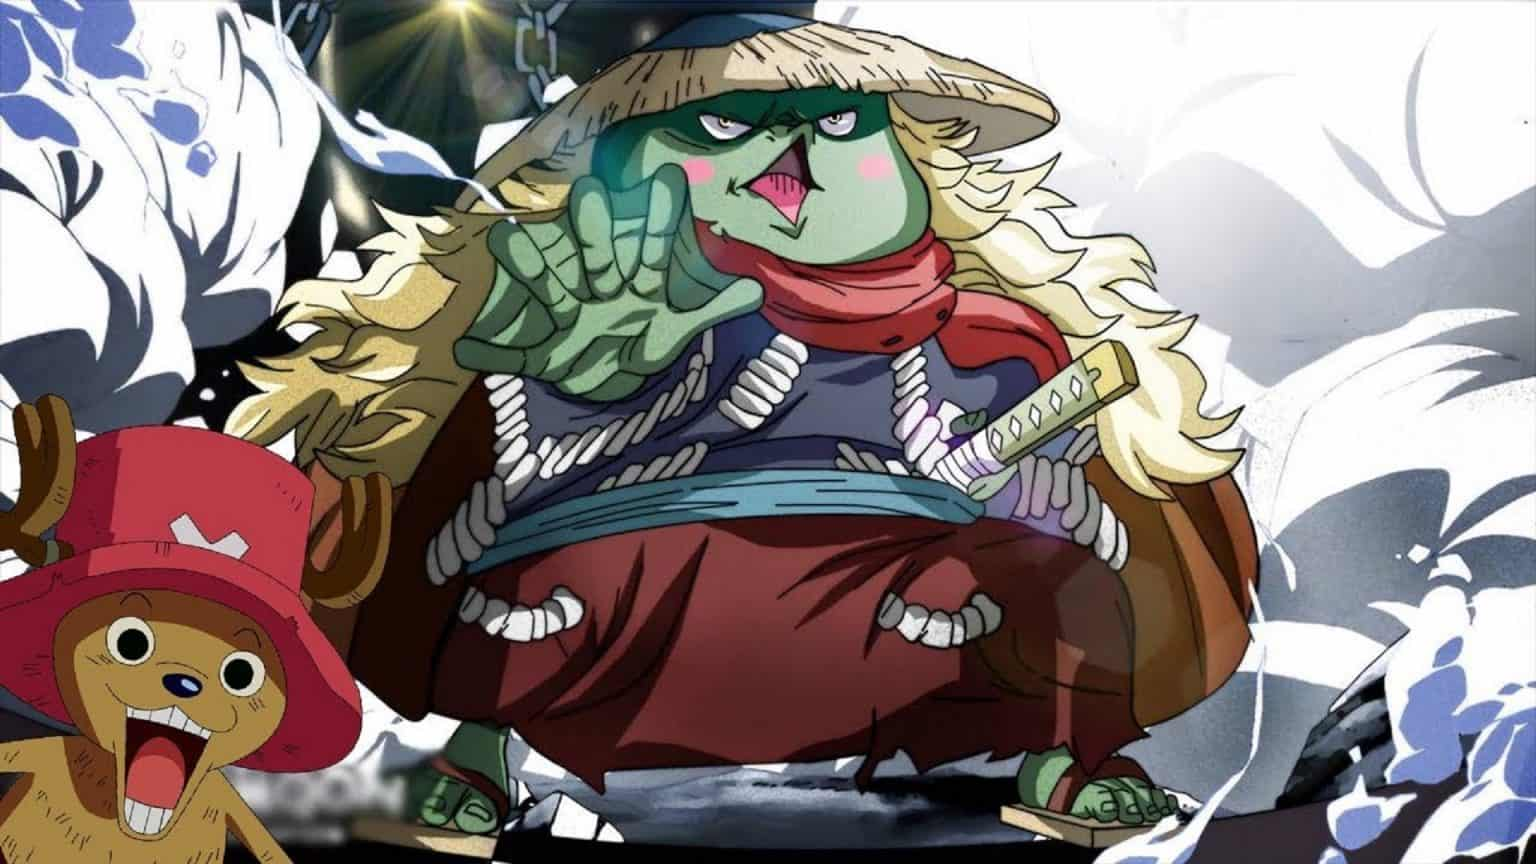 Une scène incroyable de One Piece 948 vostfr a montré la force de Kawamatsu 22